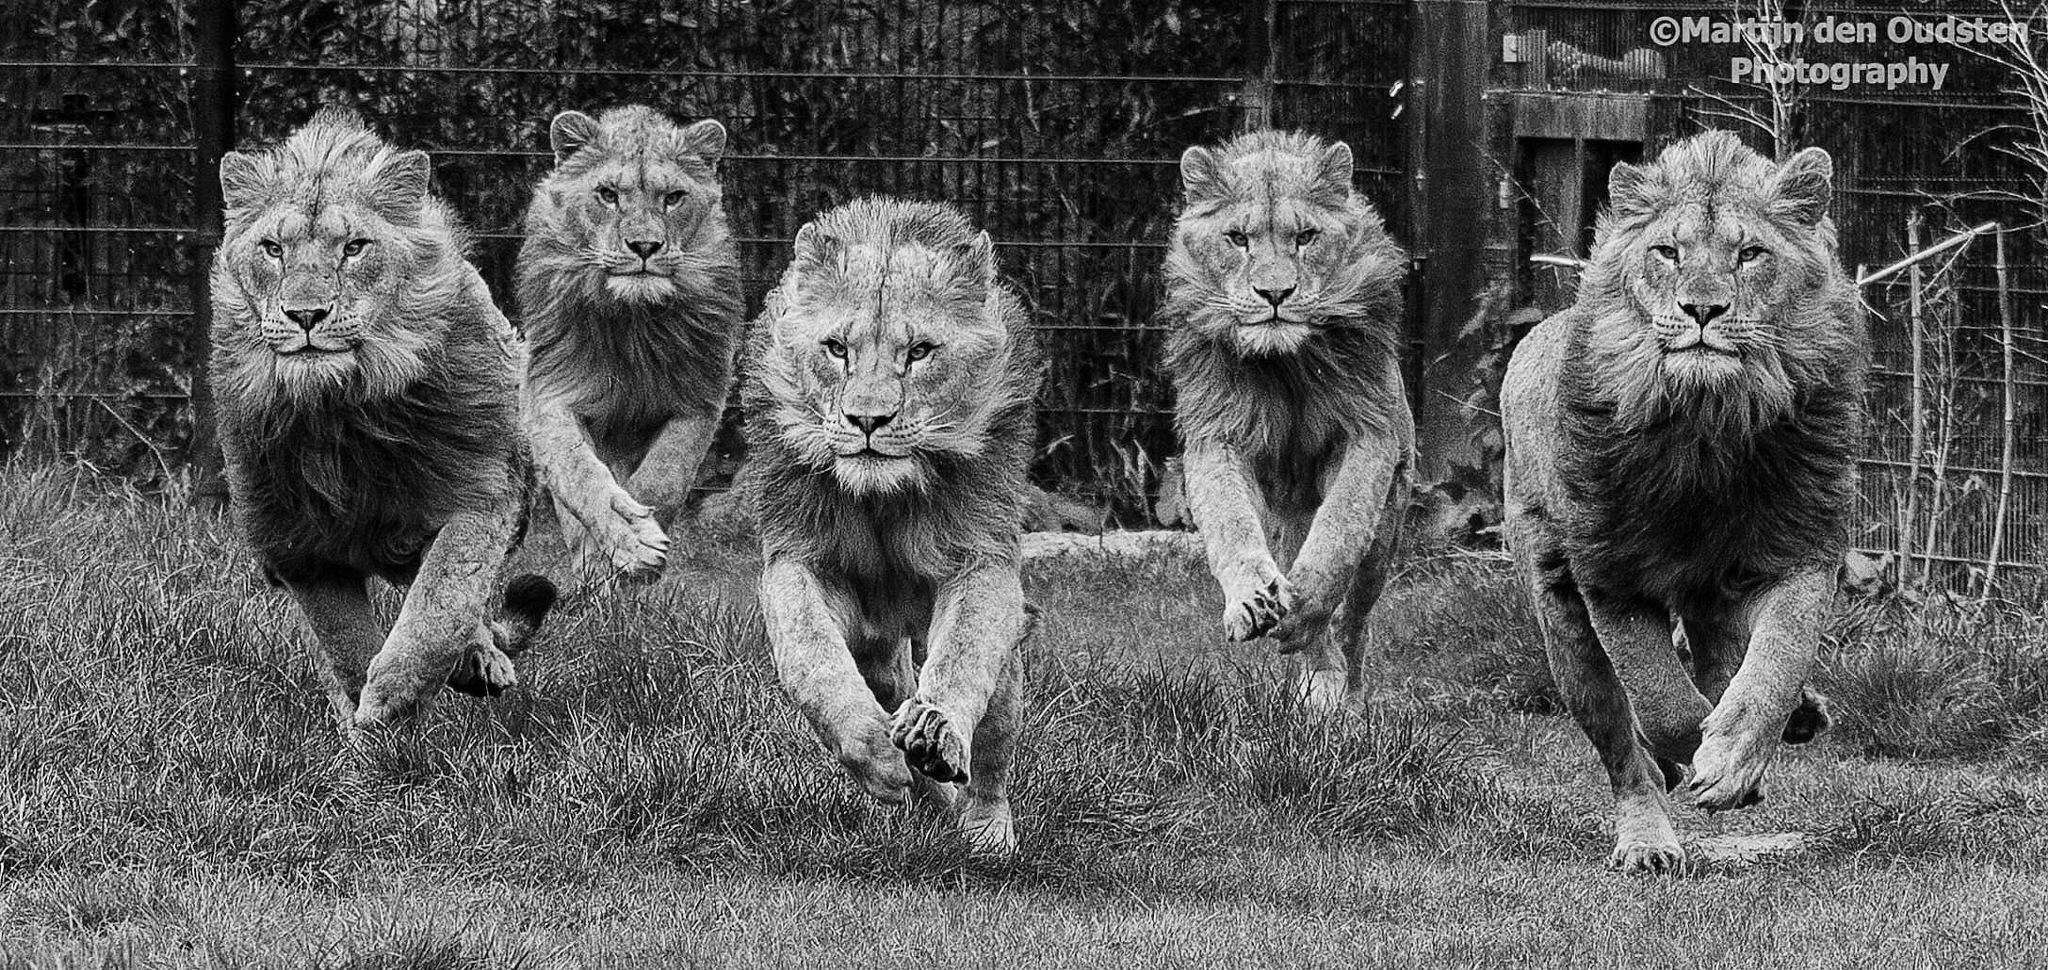 Lions  by Martijn Den Oudsten